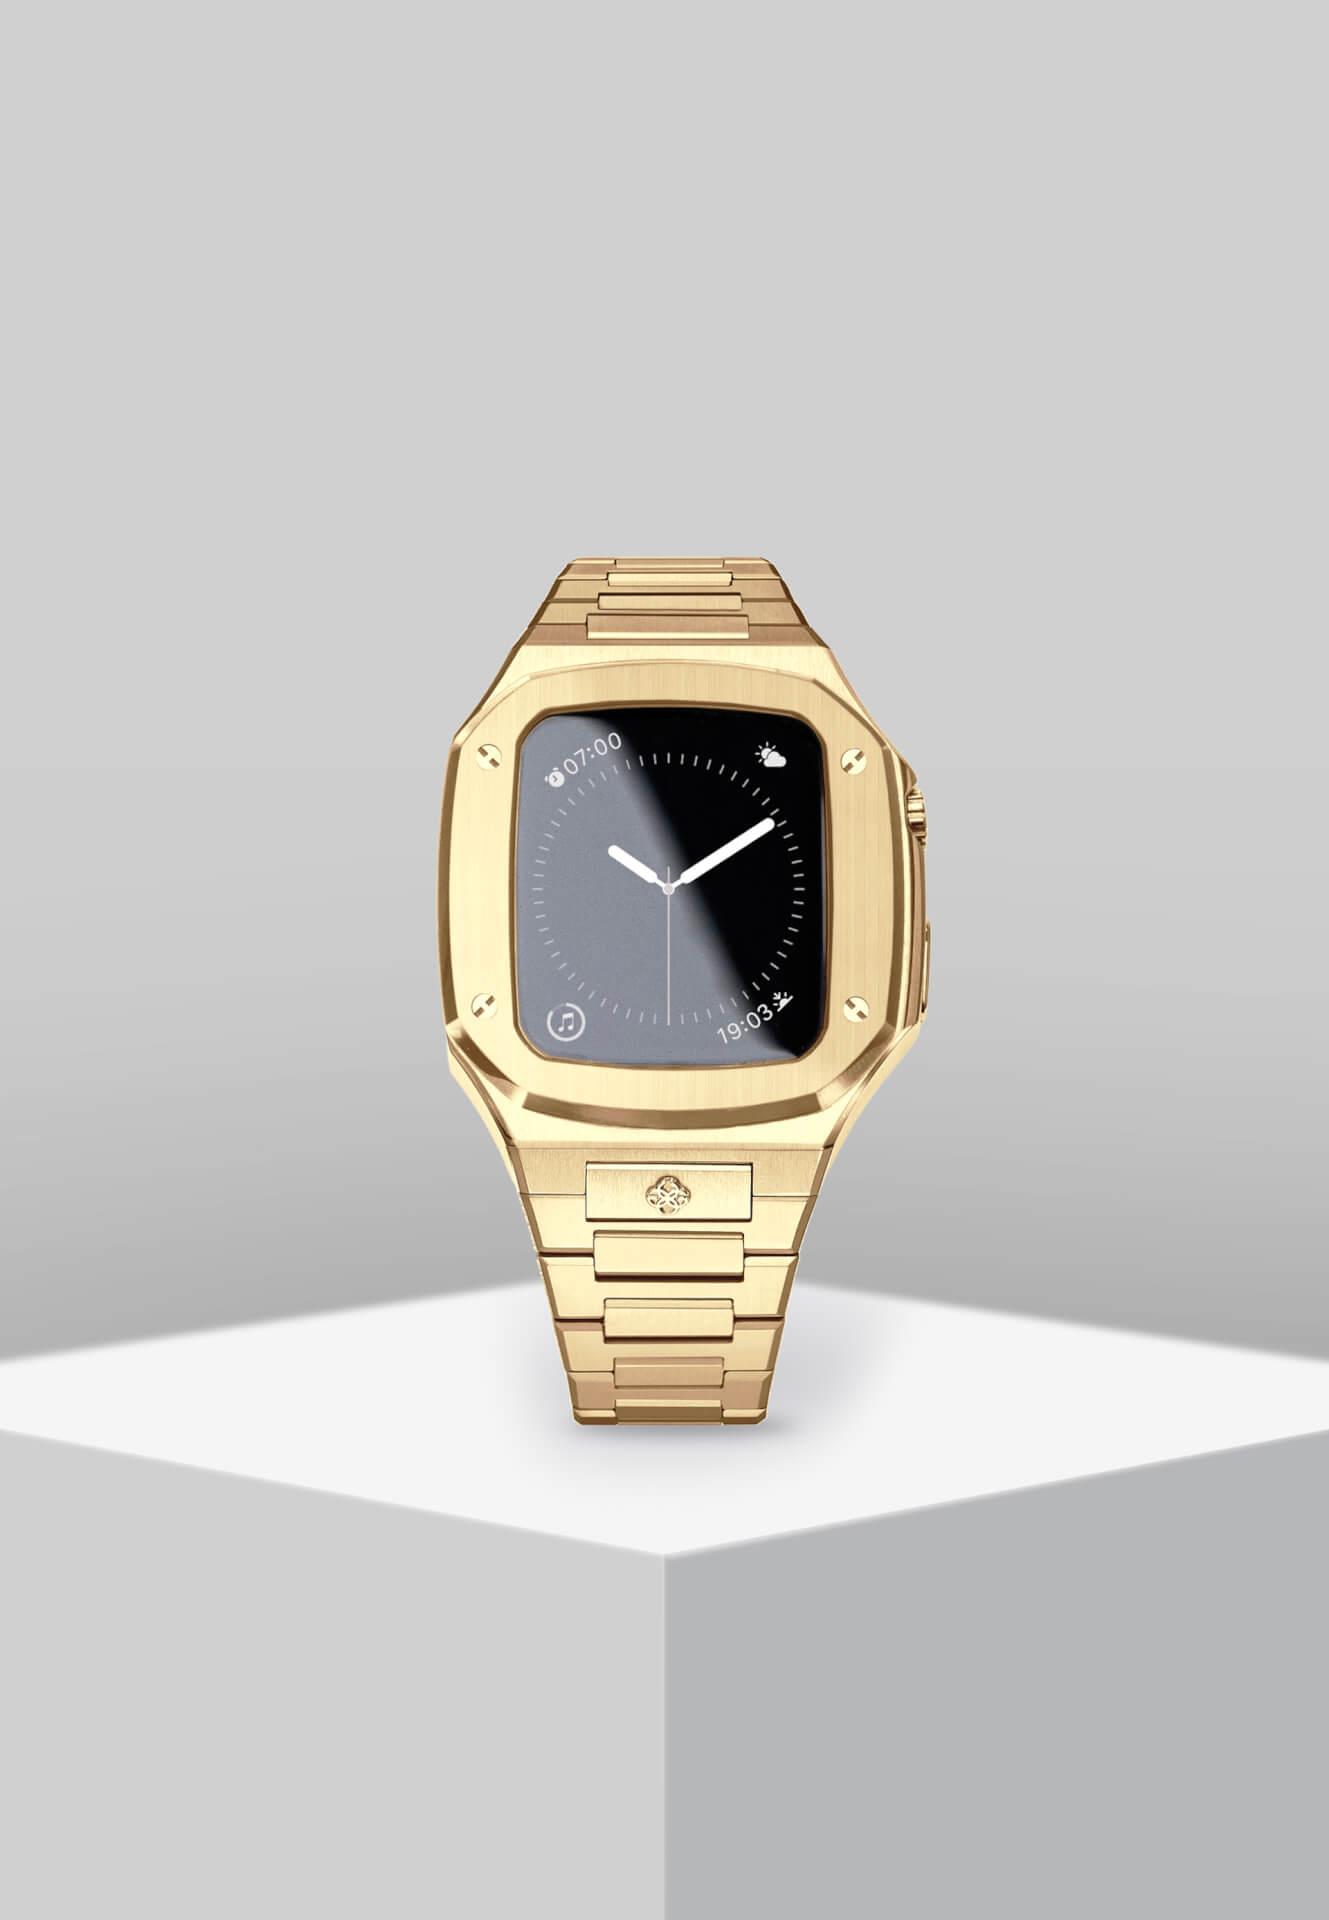 高級感漂うGOLDEN CONCEPTのApple Watchケースに待望の40mm用新コレクションが登場!ホワイト、イエローなどの新カラーがラインナップ tech201124_applewatch_case_17